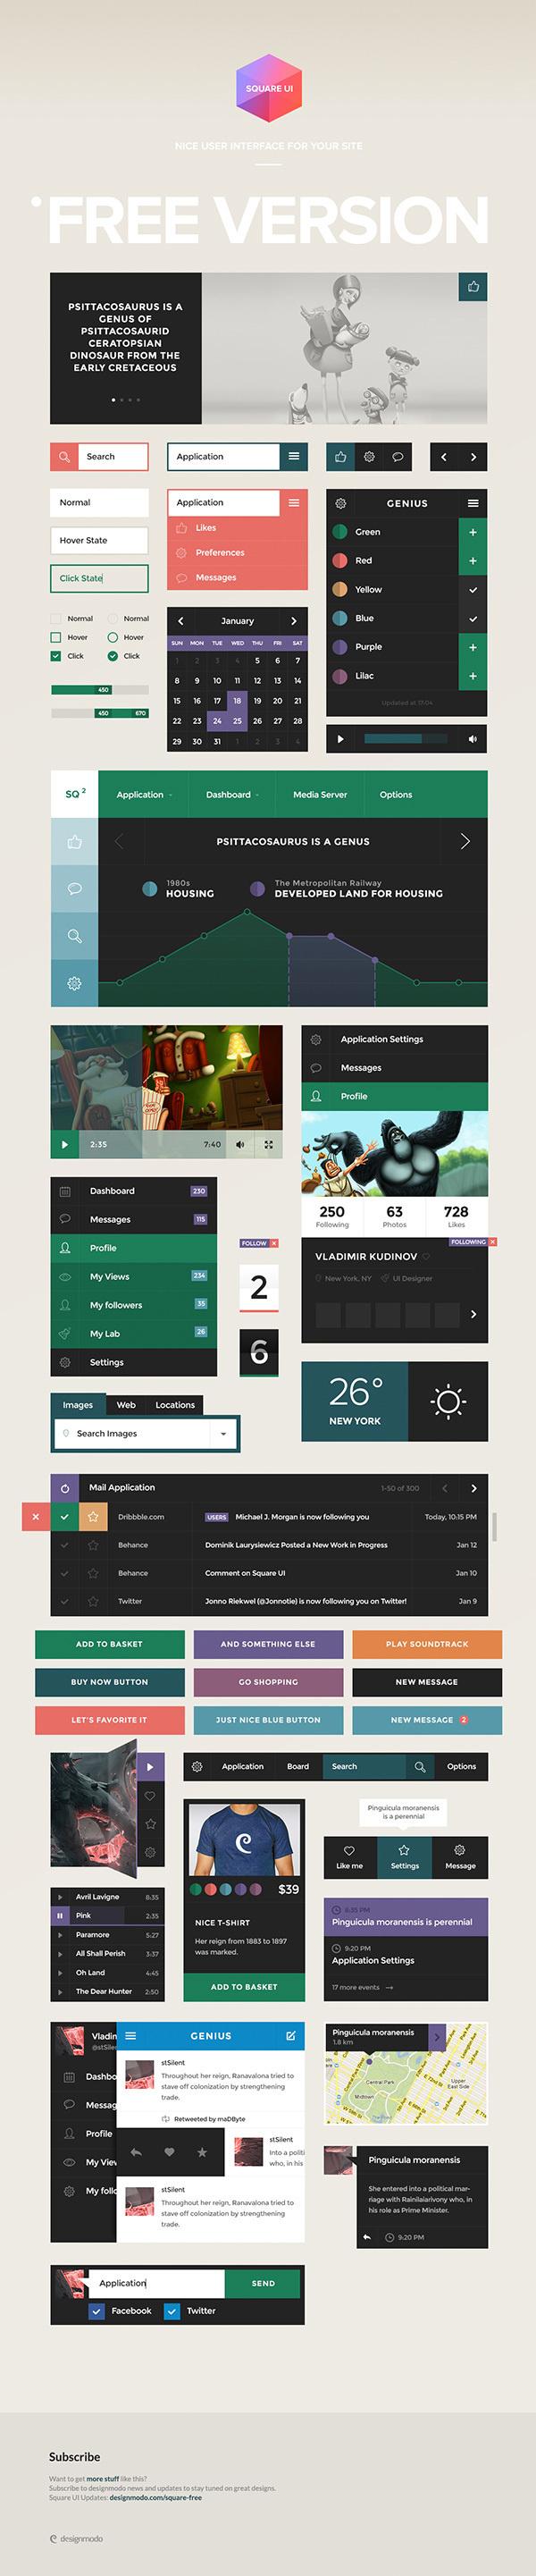 Square UI Free #ux #design #ui #kit #pack #web